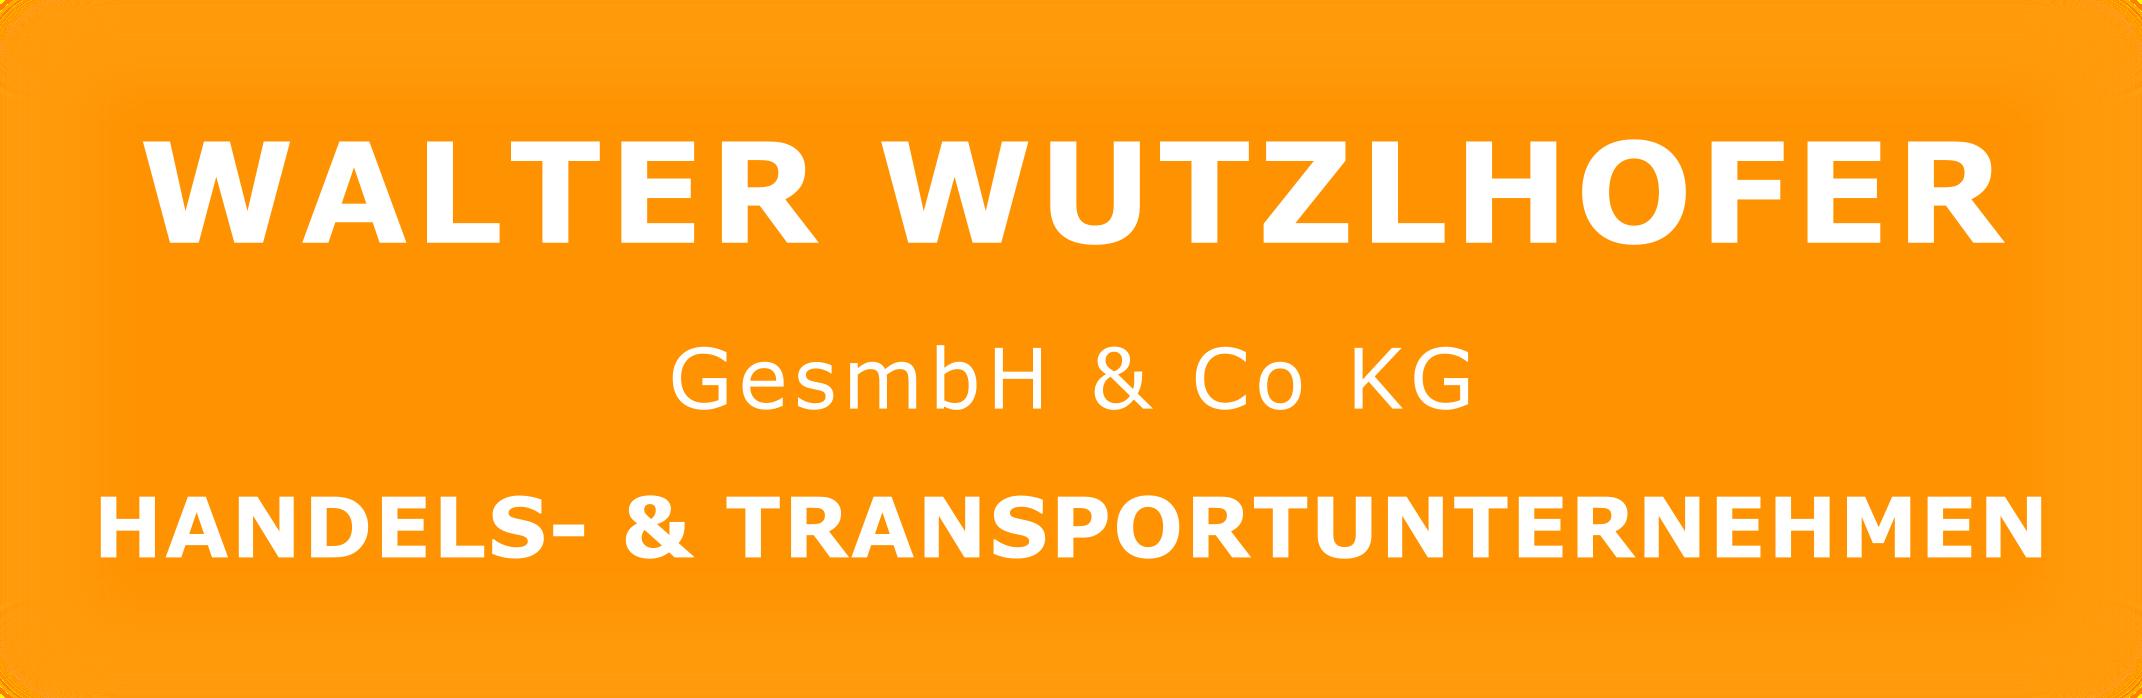 Walter Wutzlhofer Logo